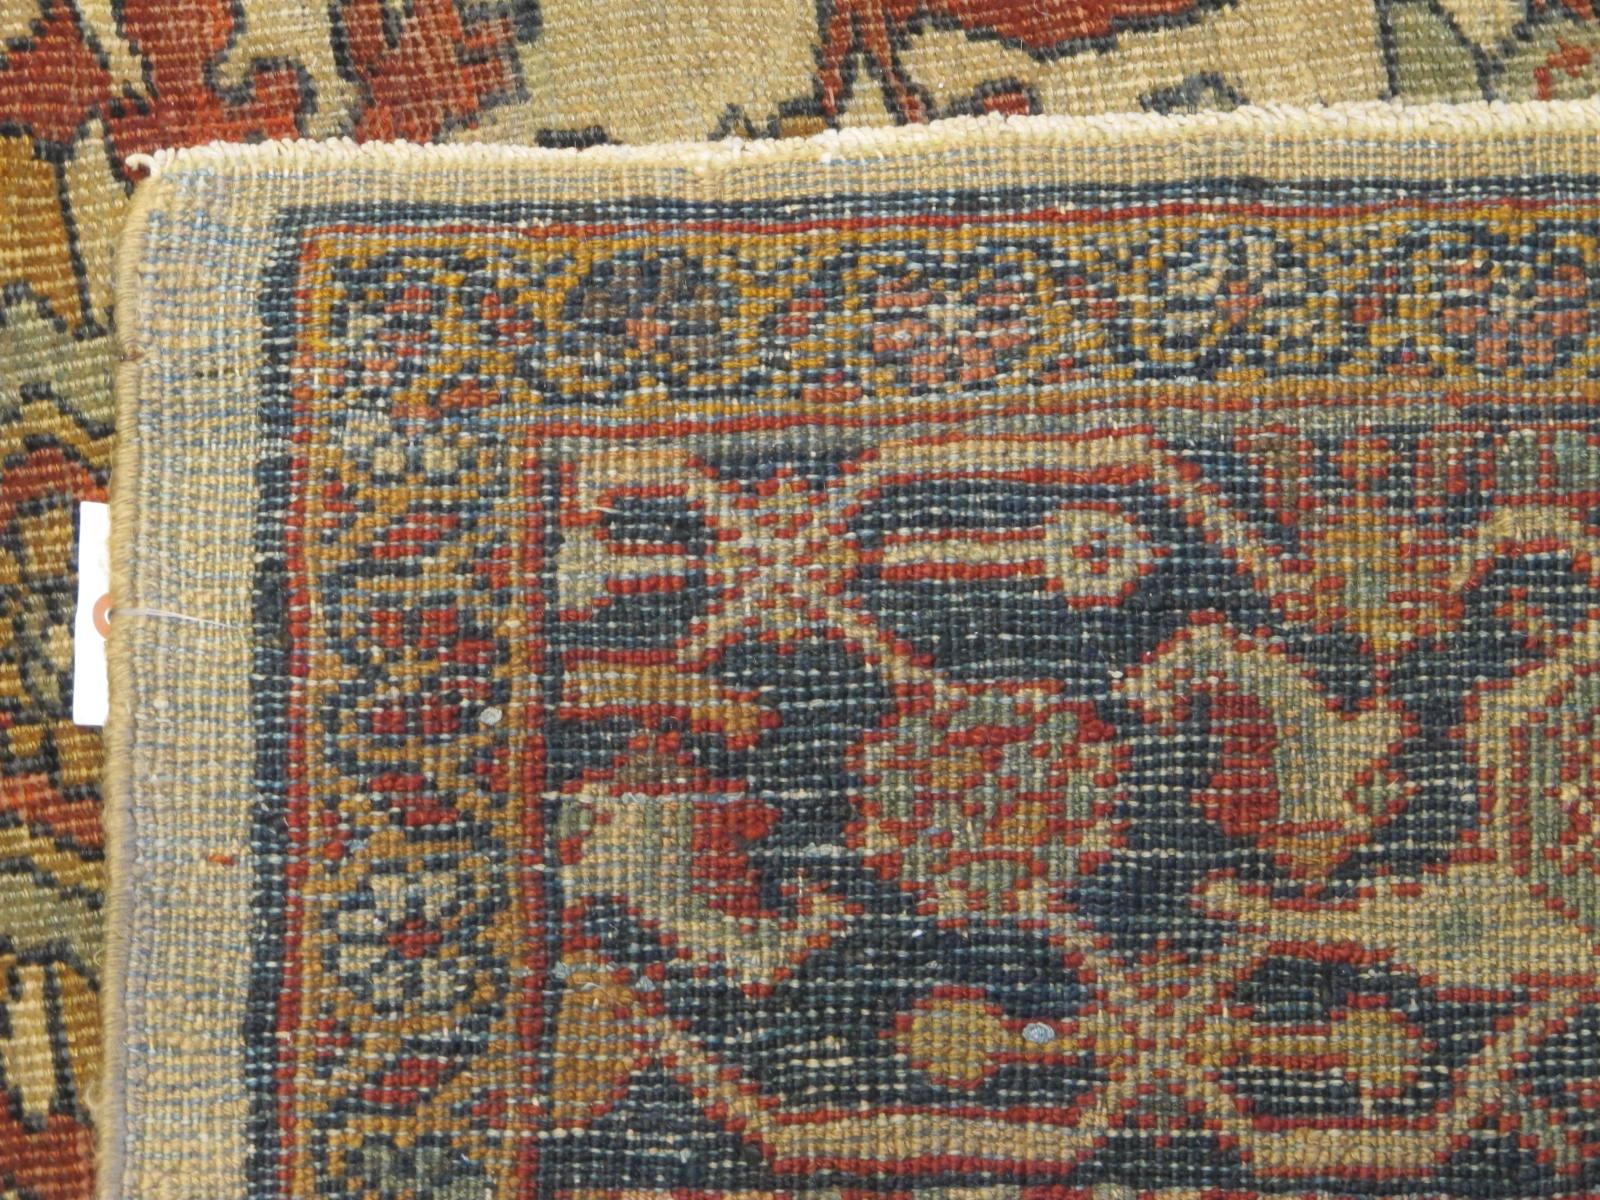 21432 antique persian mahal rug 8,9x12,4 (6)